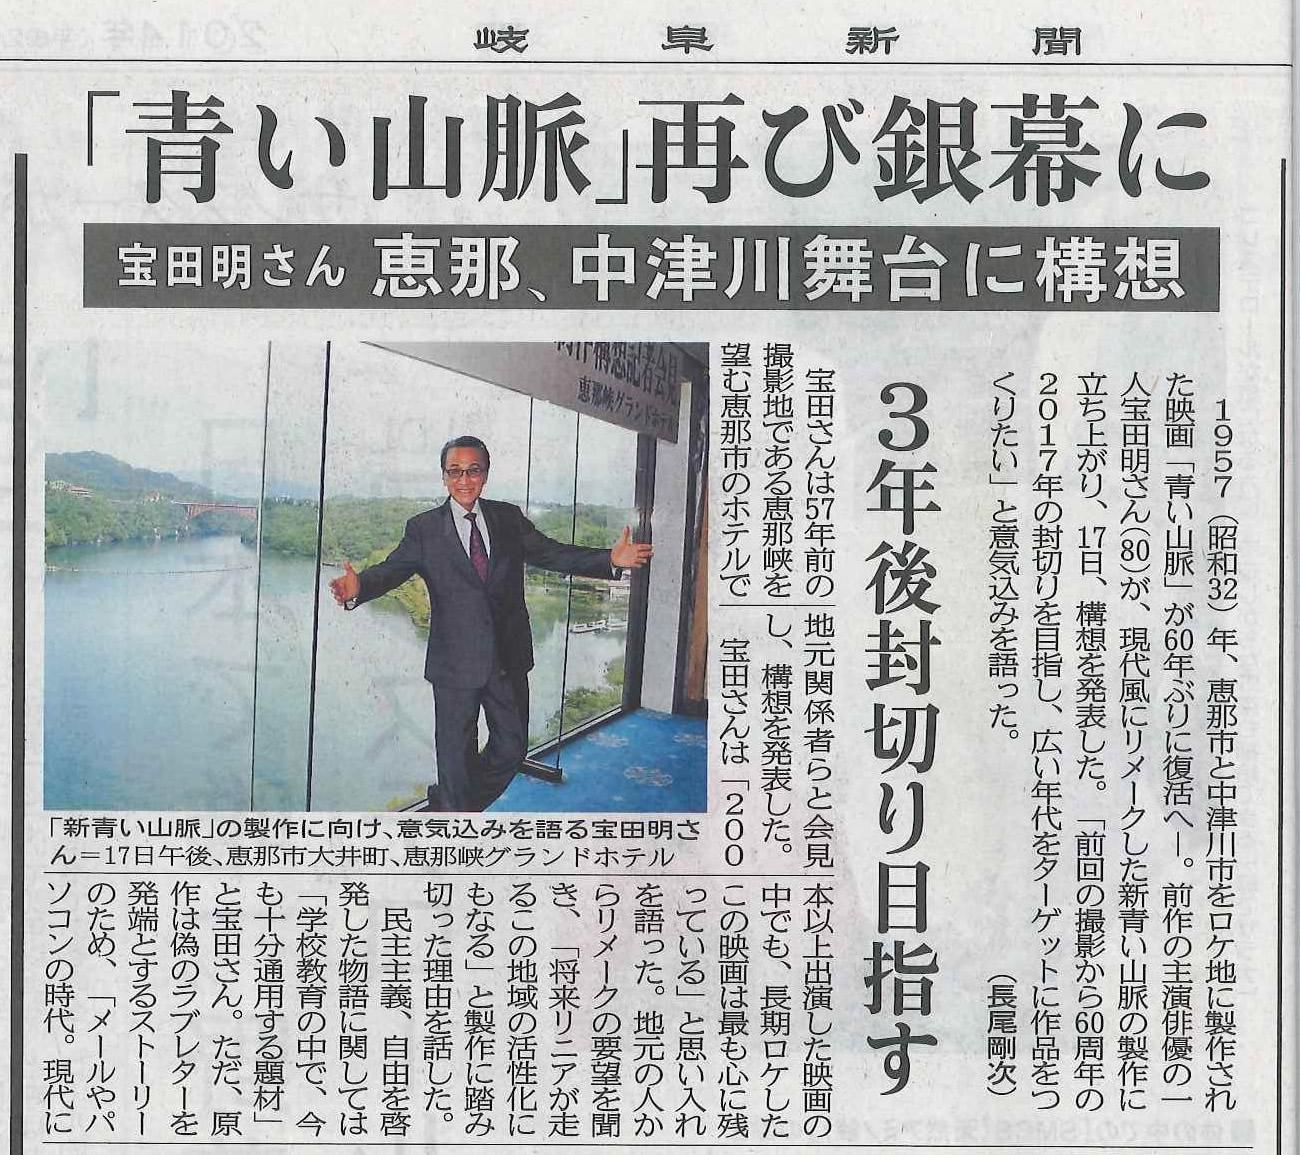 『青い山脈』再び銀幕に―岐阜新聞_d0063218_103576.jpg